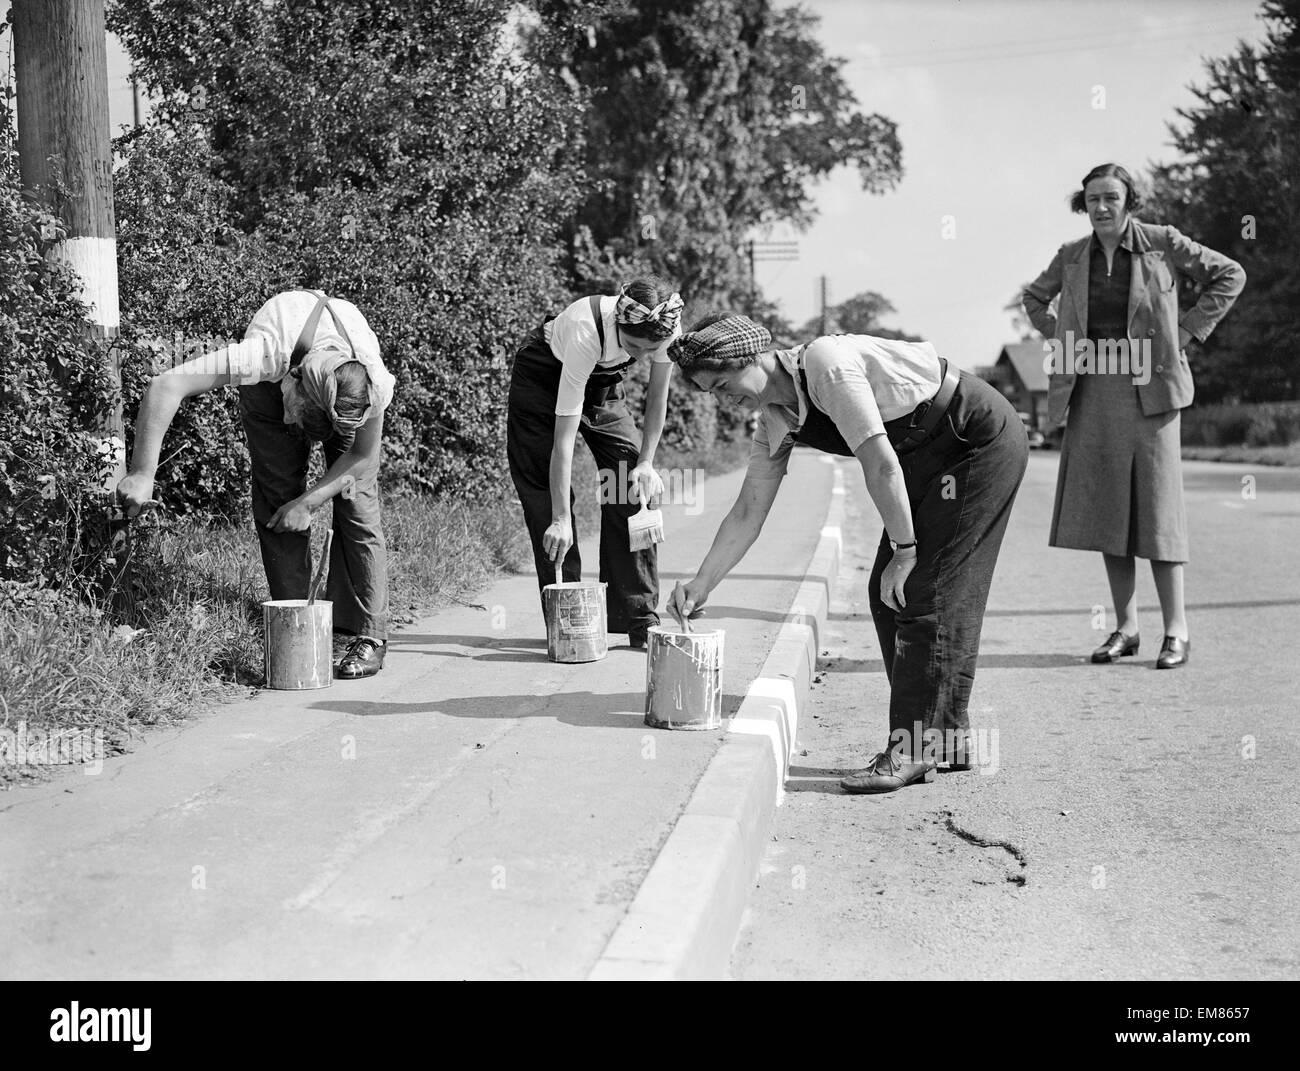 Las mujeres camino pintores, 1941. Las mujeres que realizan trabajos de hombres pintar el bordillo blanco, por lo Imagen De Stock